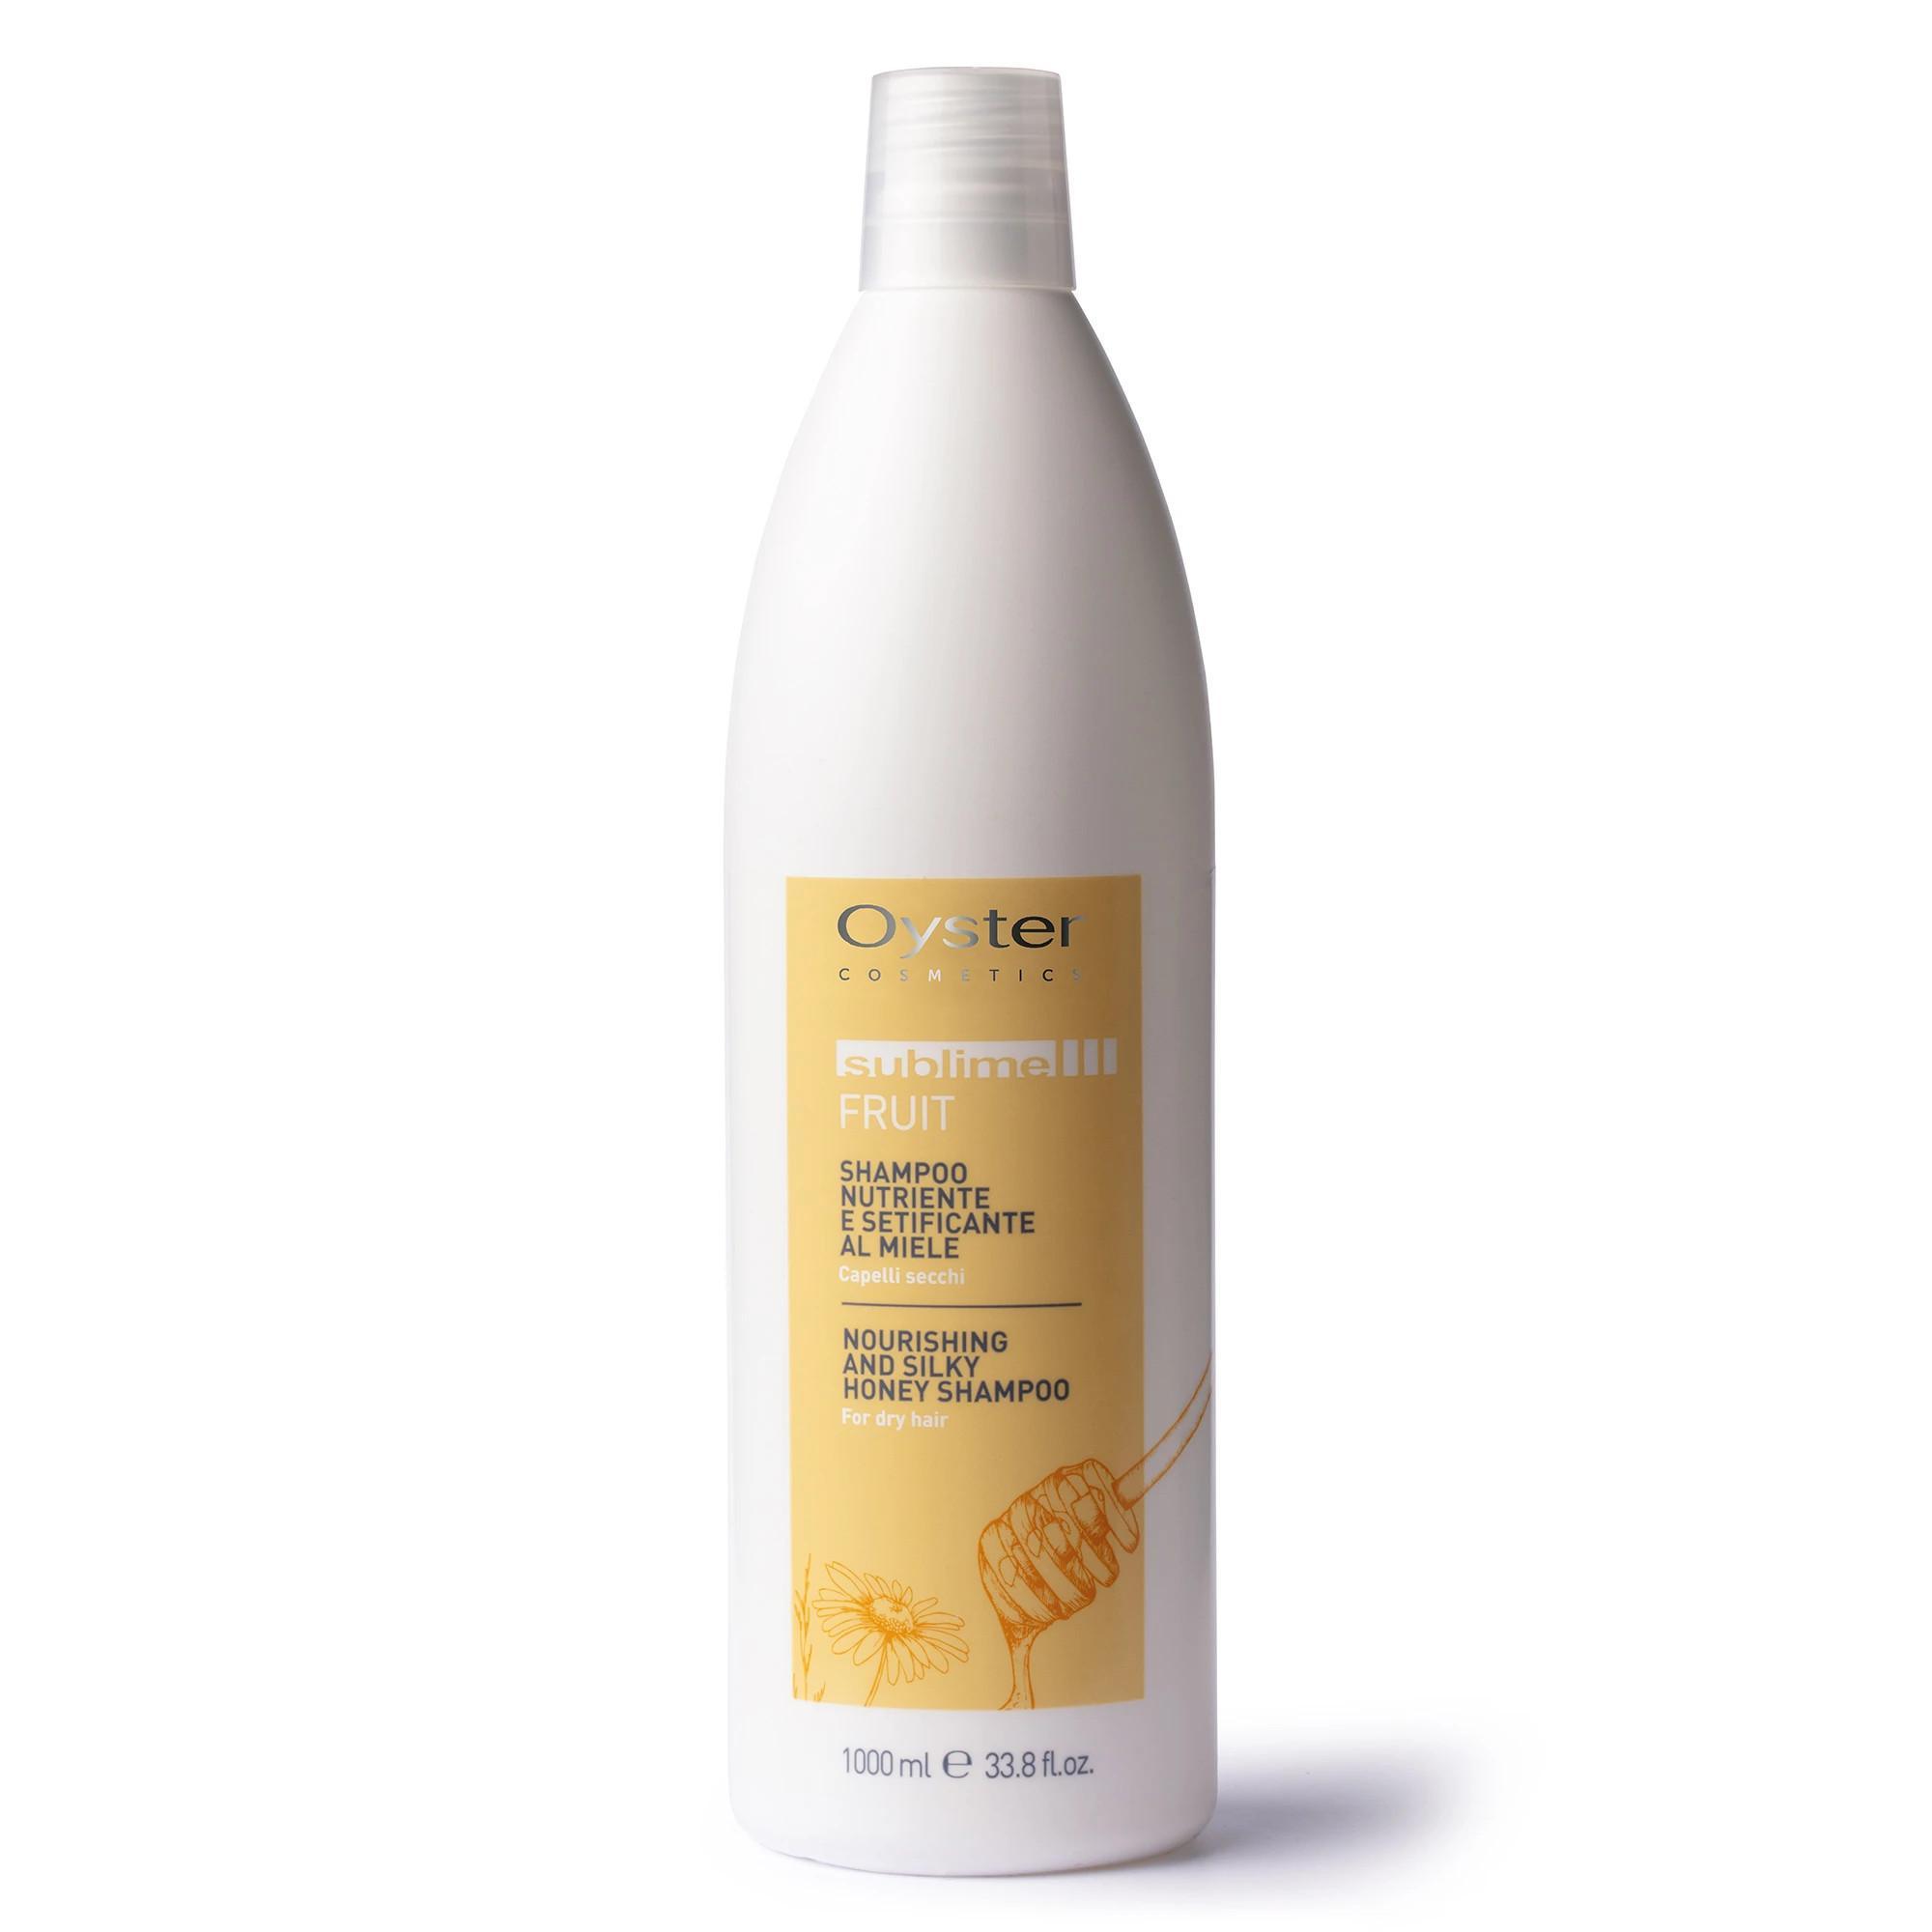 Dầu gội dành cho tóc khô với tinh chất mật ong Sublime Fruit 1000ml